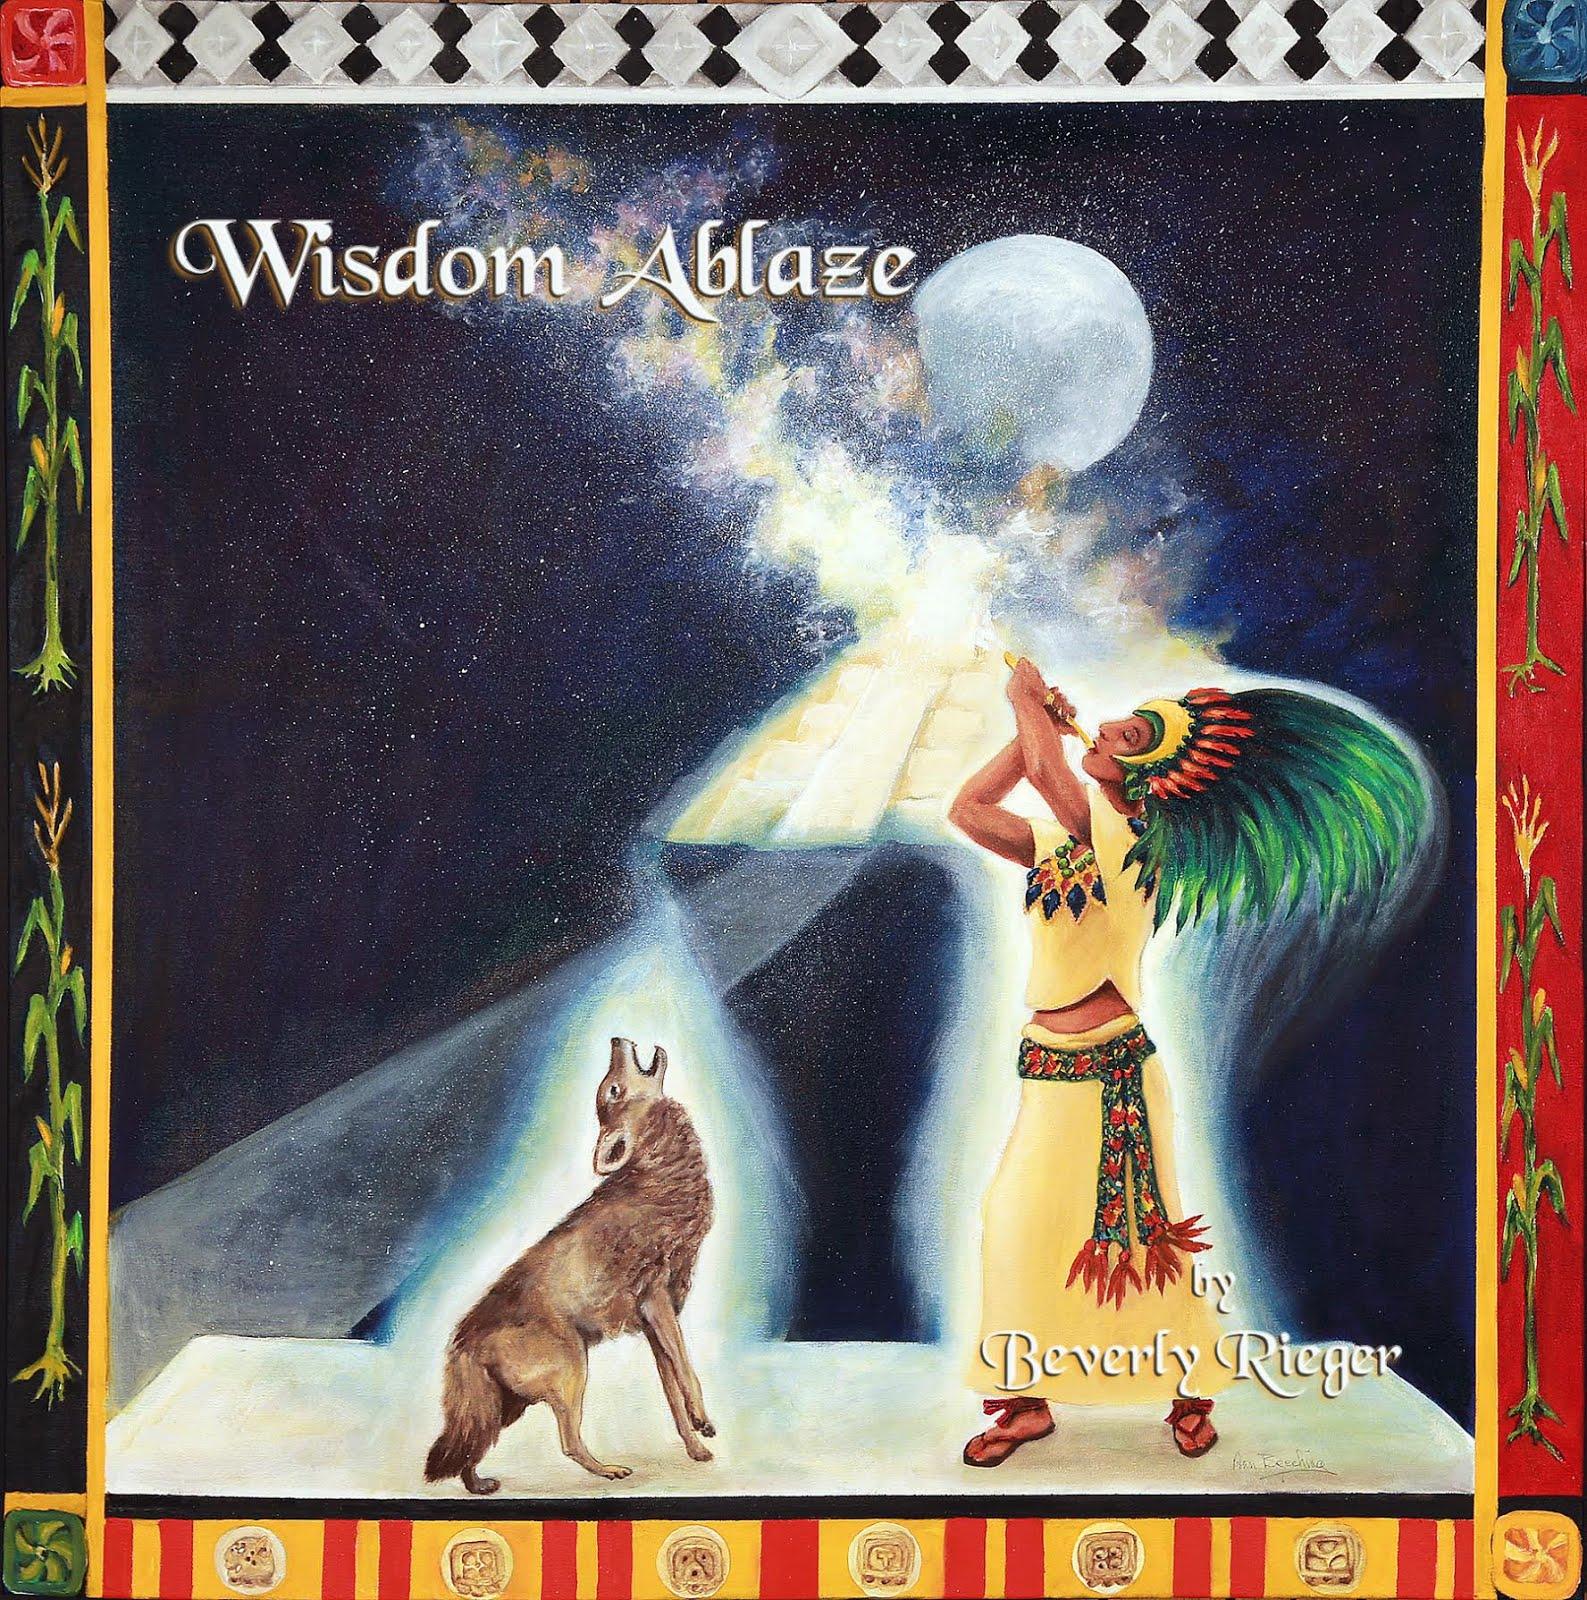 Wisdom Ablaze